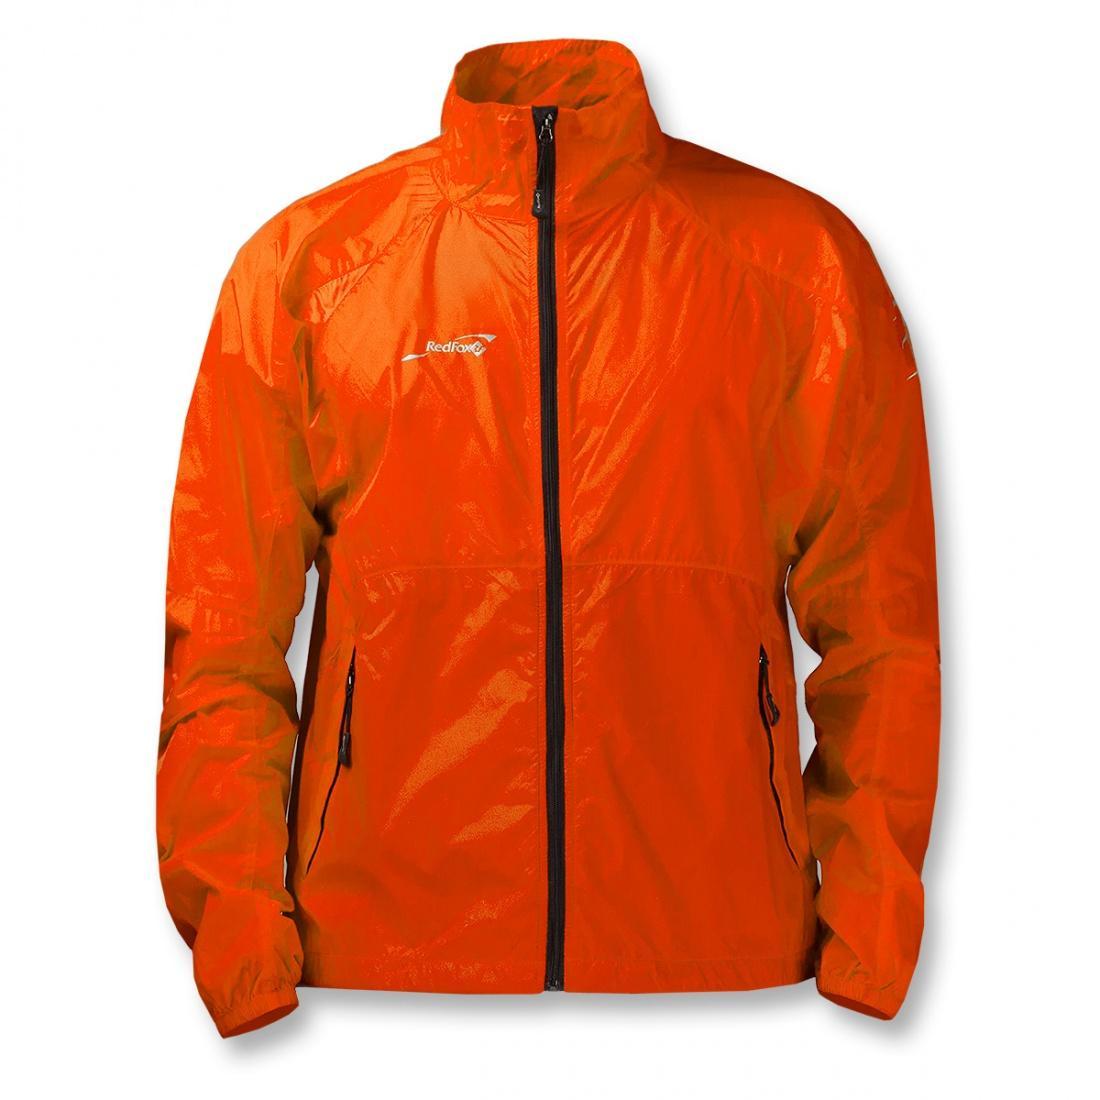 Куртка ветрозащитная Trek Light IIКуртки<br><br> Очень легкая куртка для мультиспортсменов. Отлично сочетает в себе функции защиты от ветра и максимальной свободы движений. Куртку мож...<br><br>Цвет: Оранжевый<br>Размер: 48